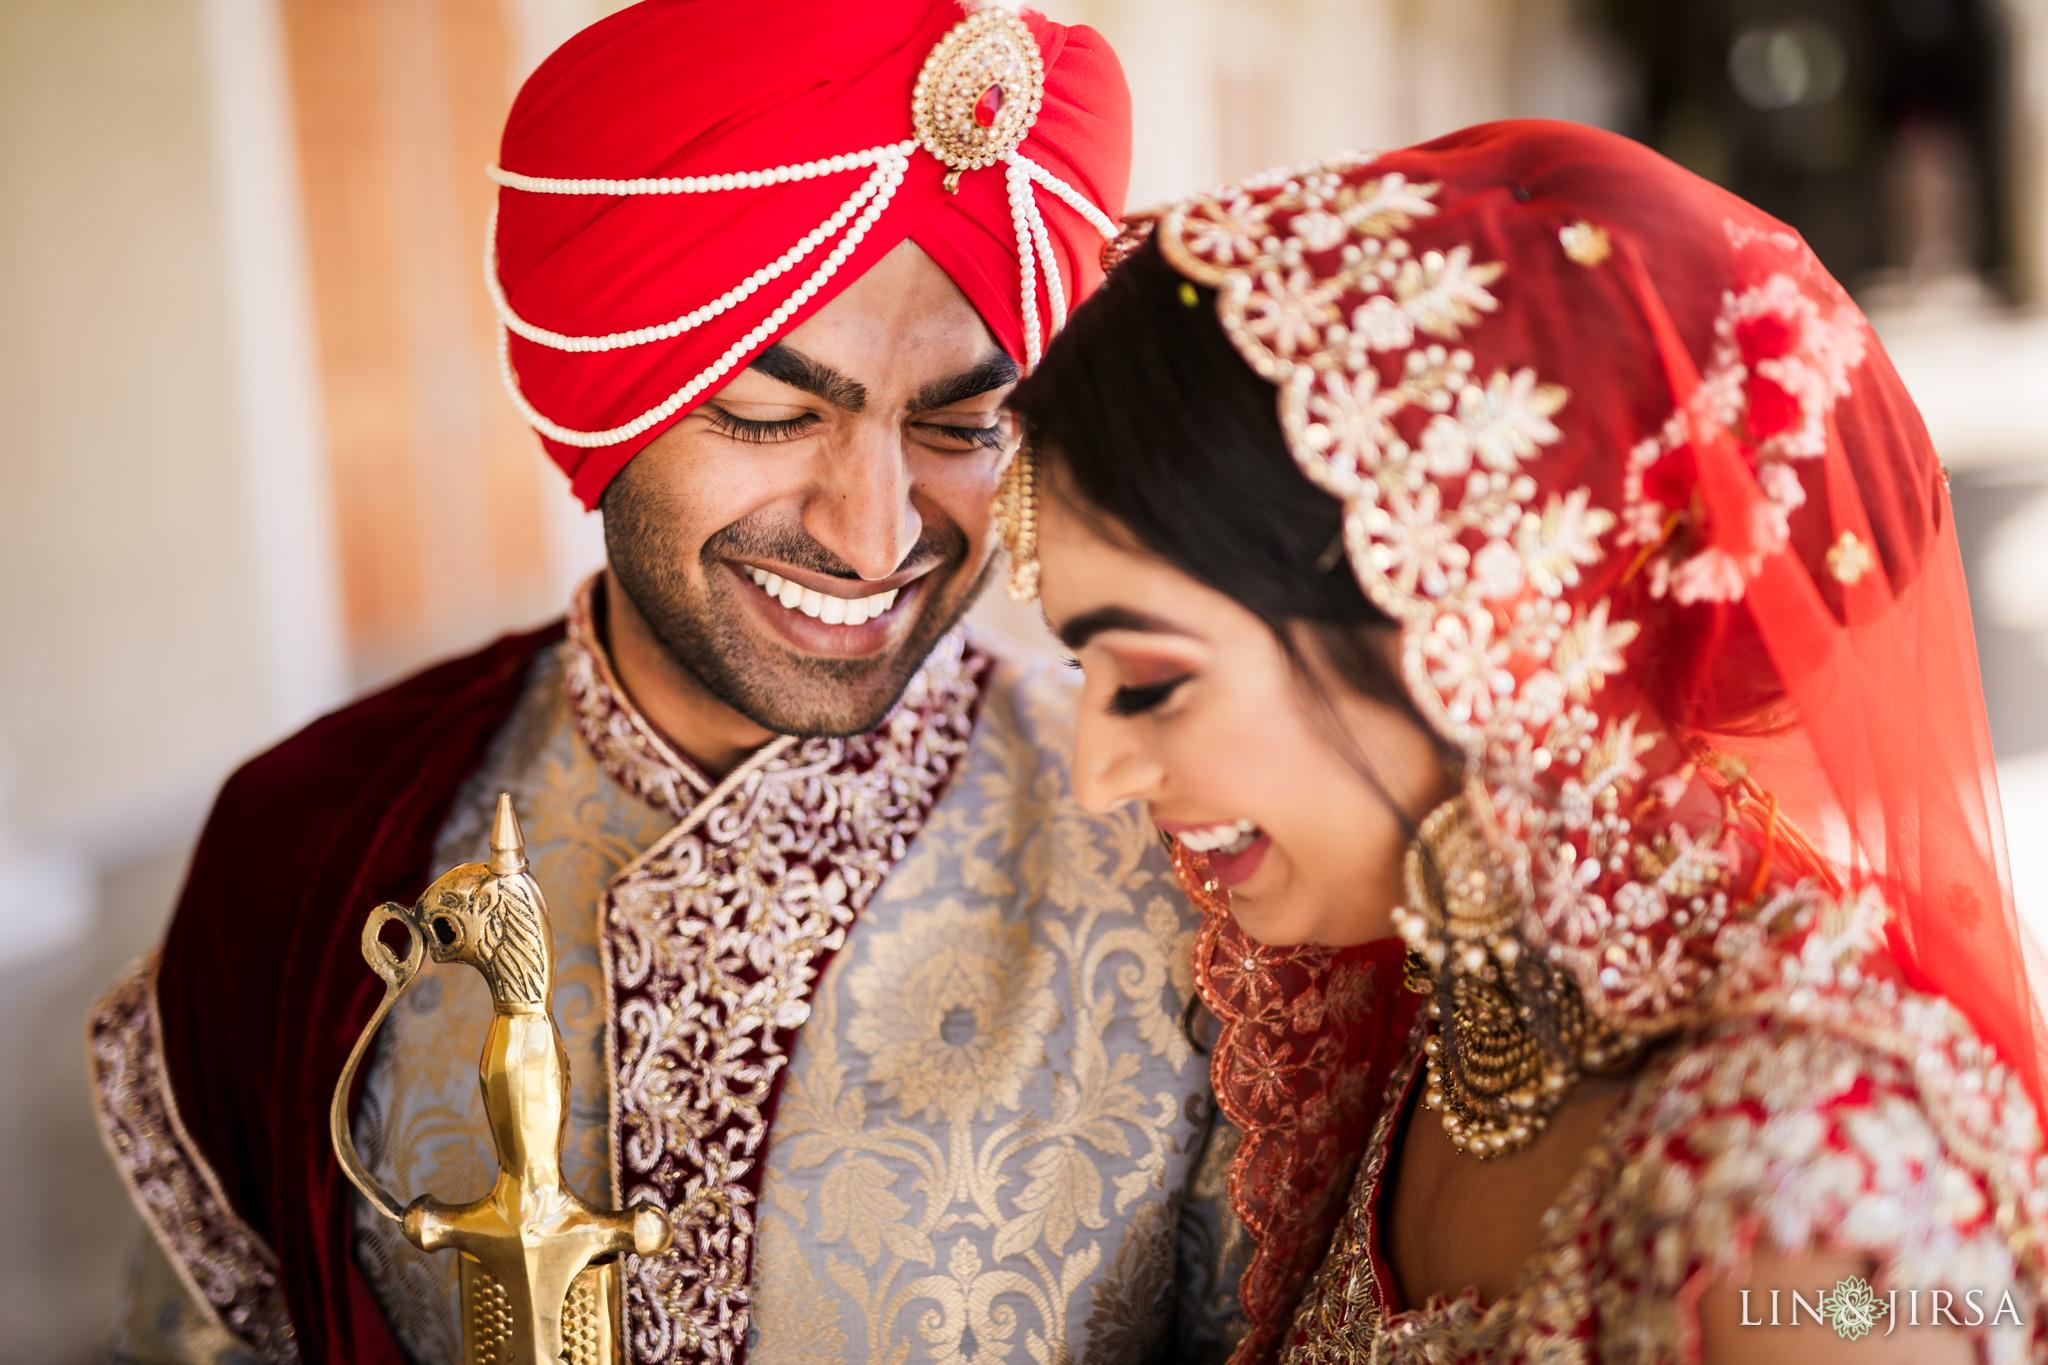 13 Sikh Gurdwara San Jose Punjabi Indian Wedding Photography